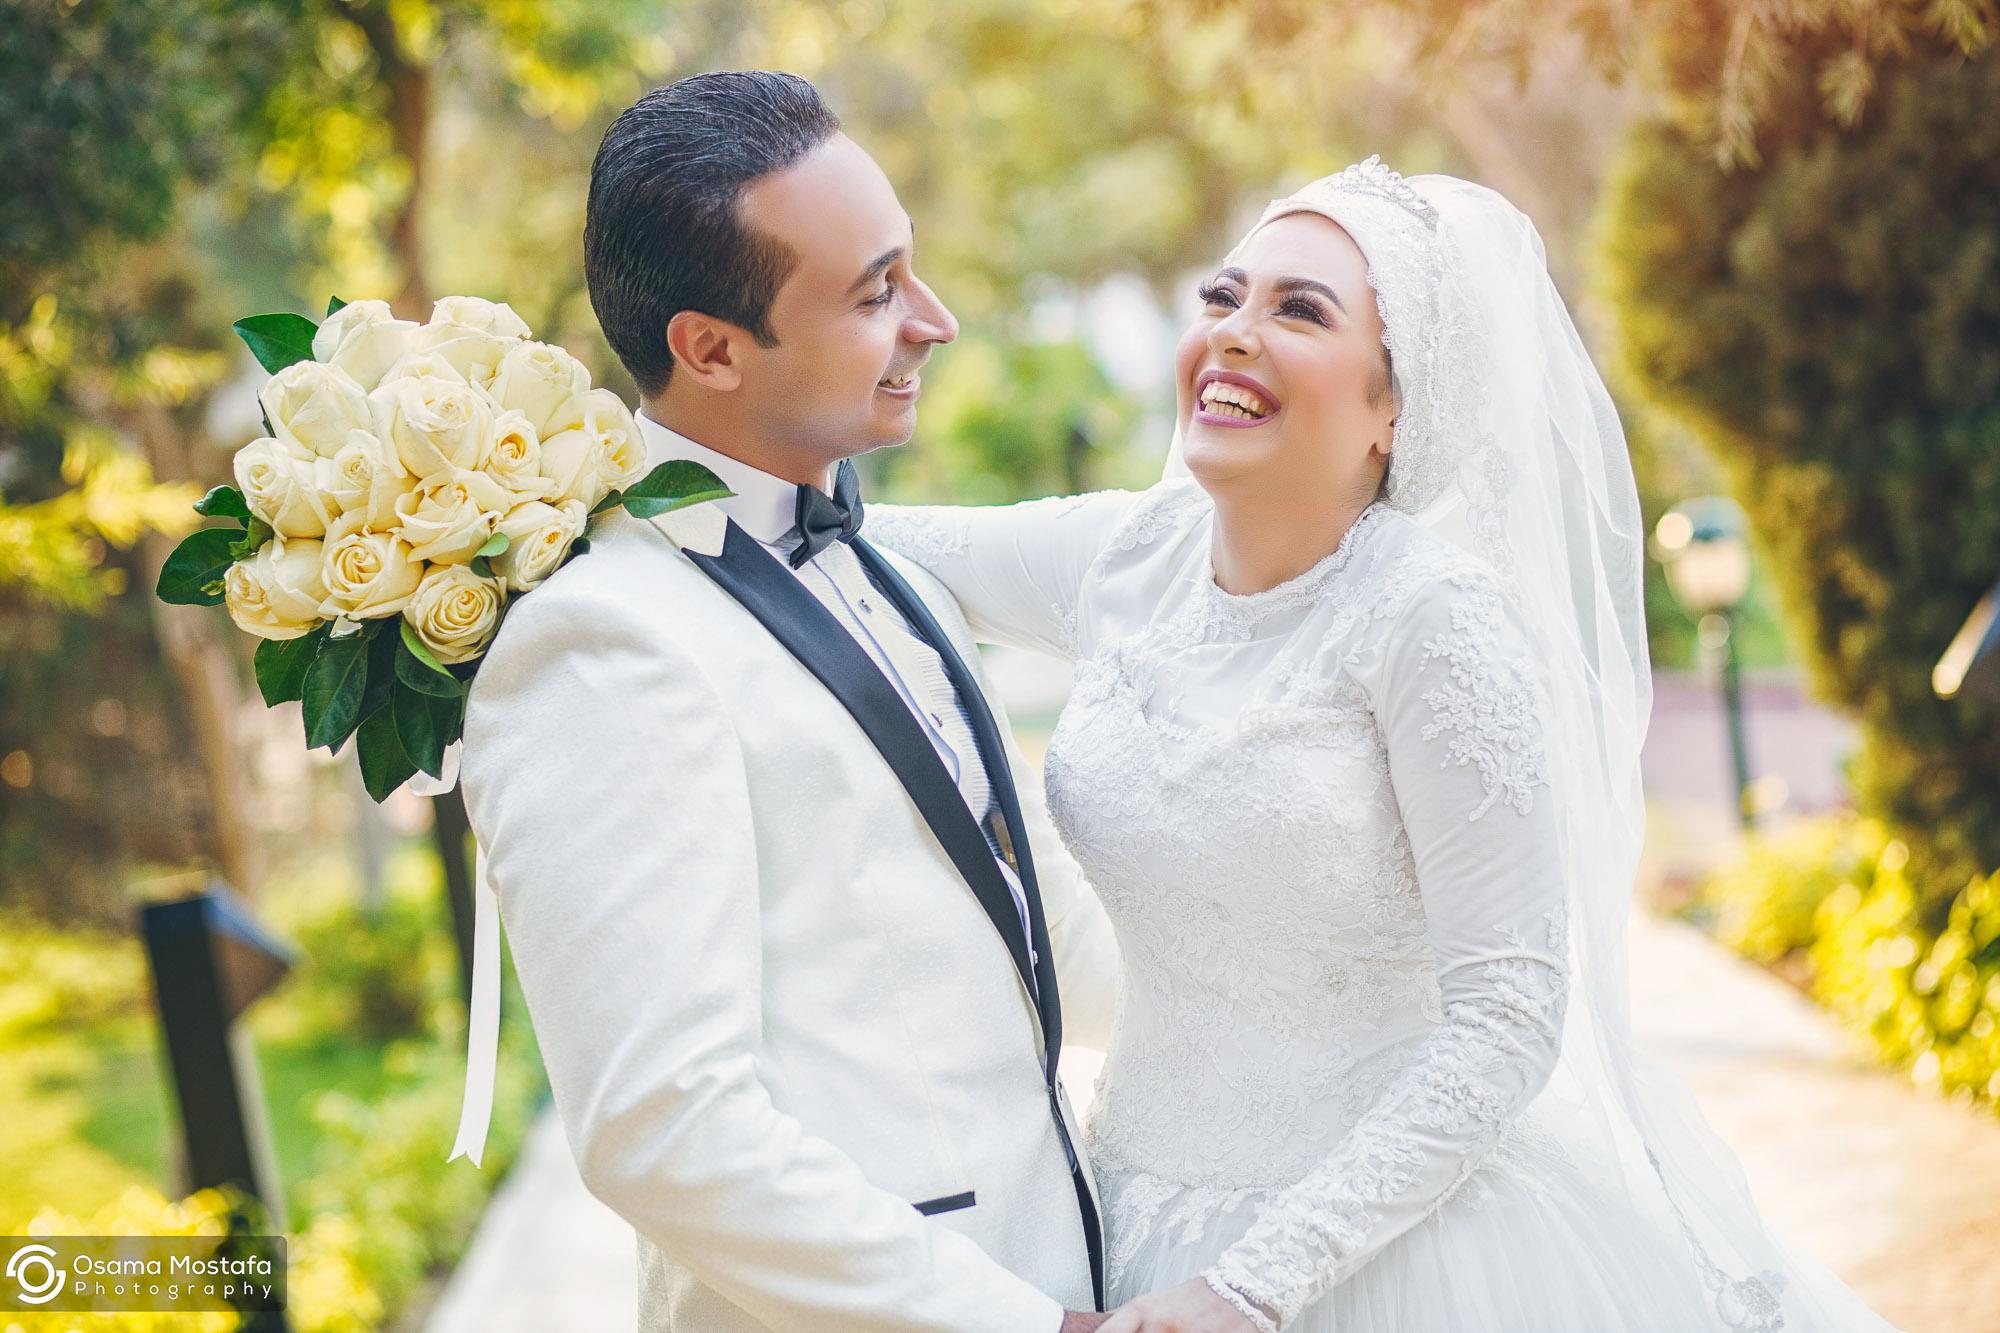 Bassma & Mohamed